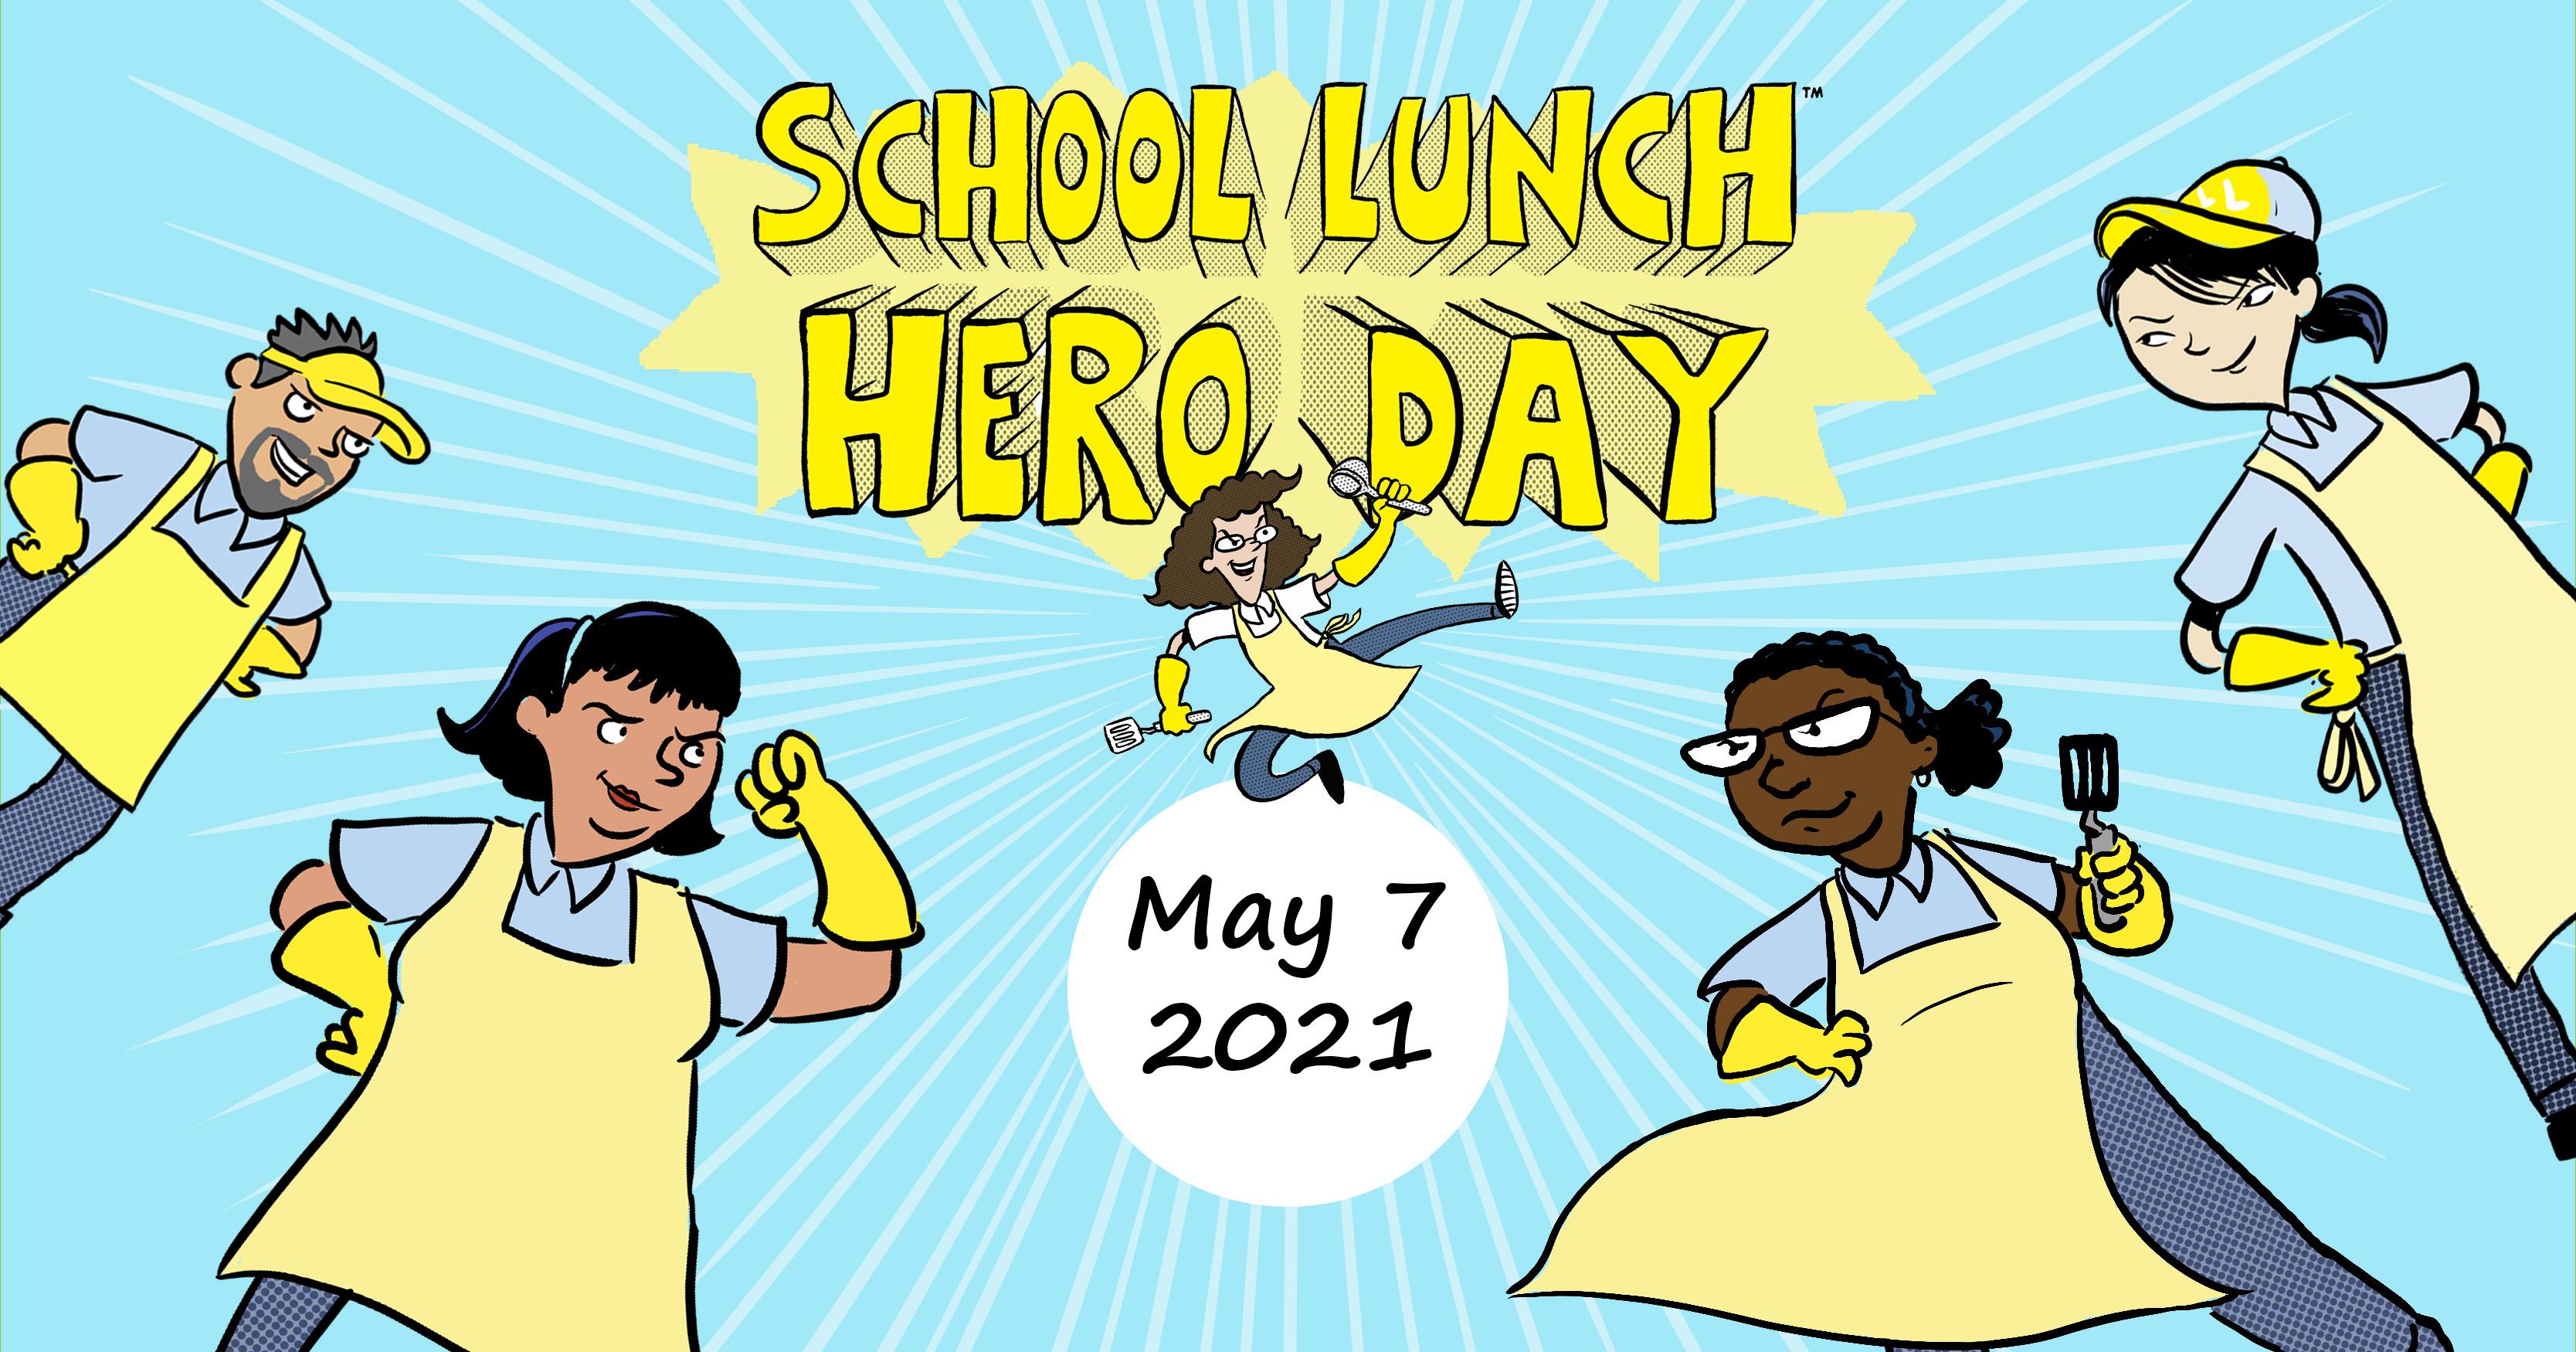 Lunch Hero